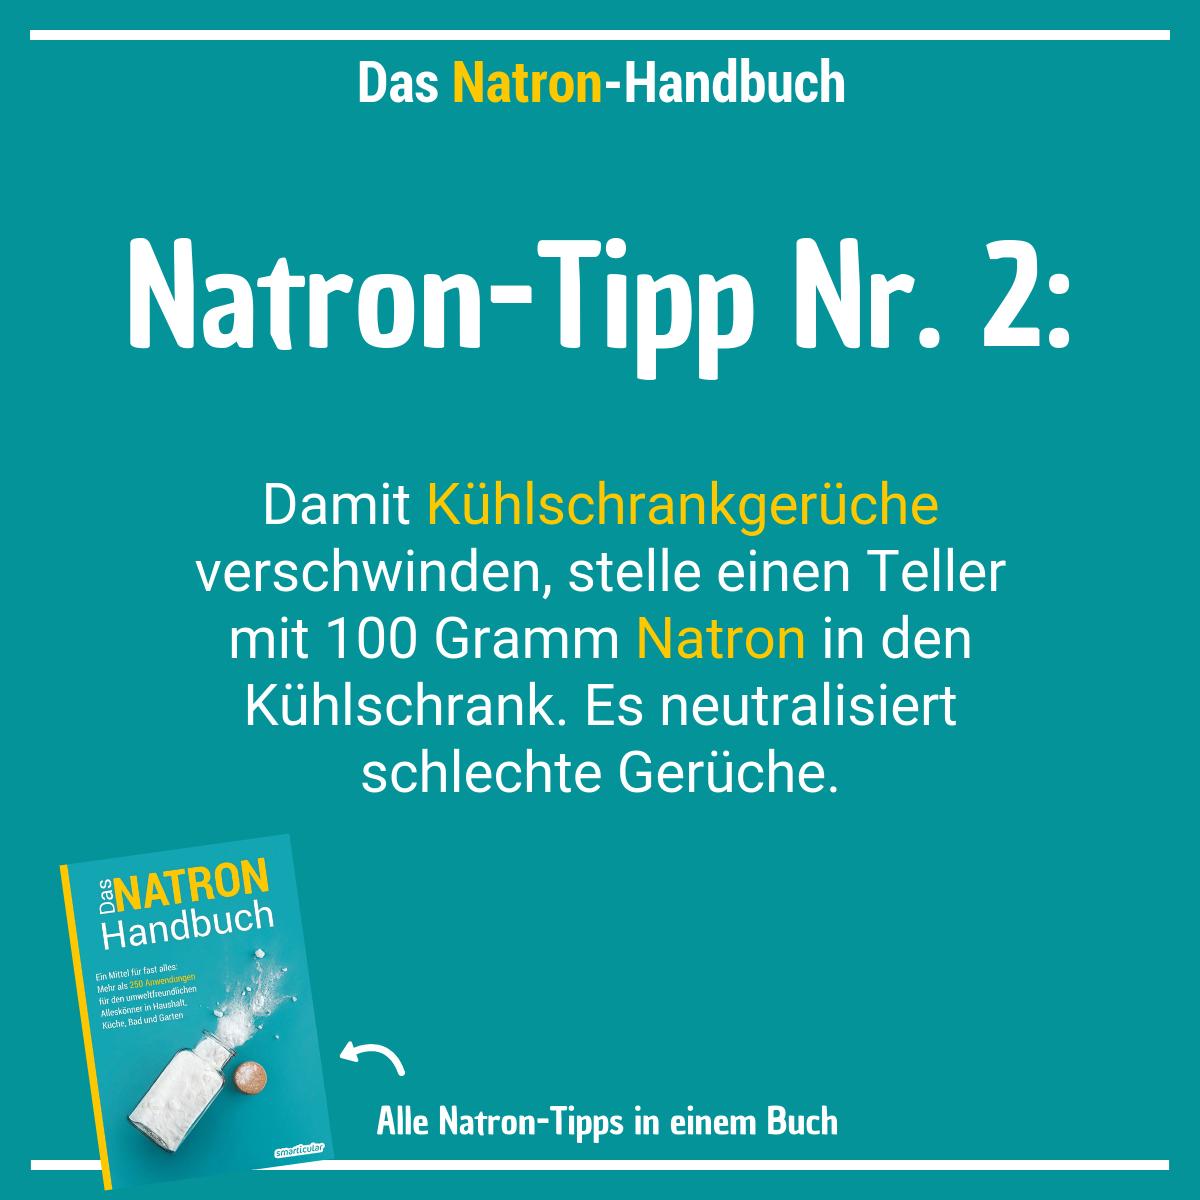 Natron ist eines der vielseitigsten Hausmittel und hilft unter anderem bei unangenehmen Gerüchen. #householdhacks